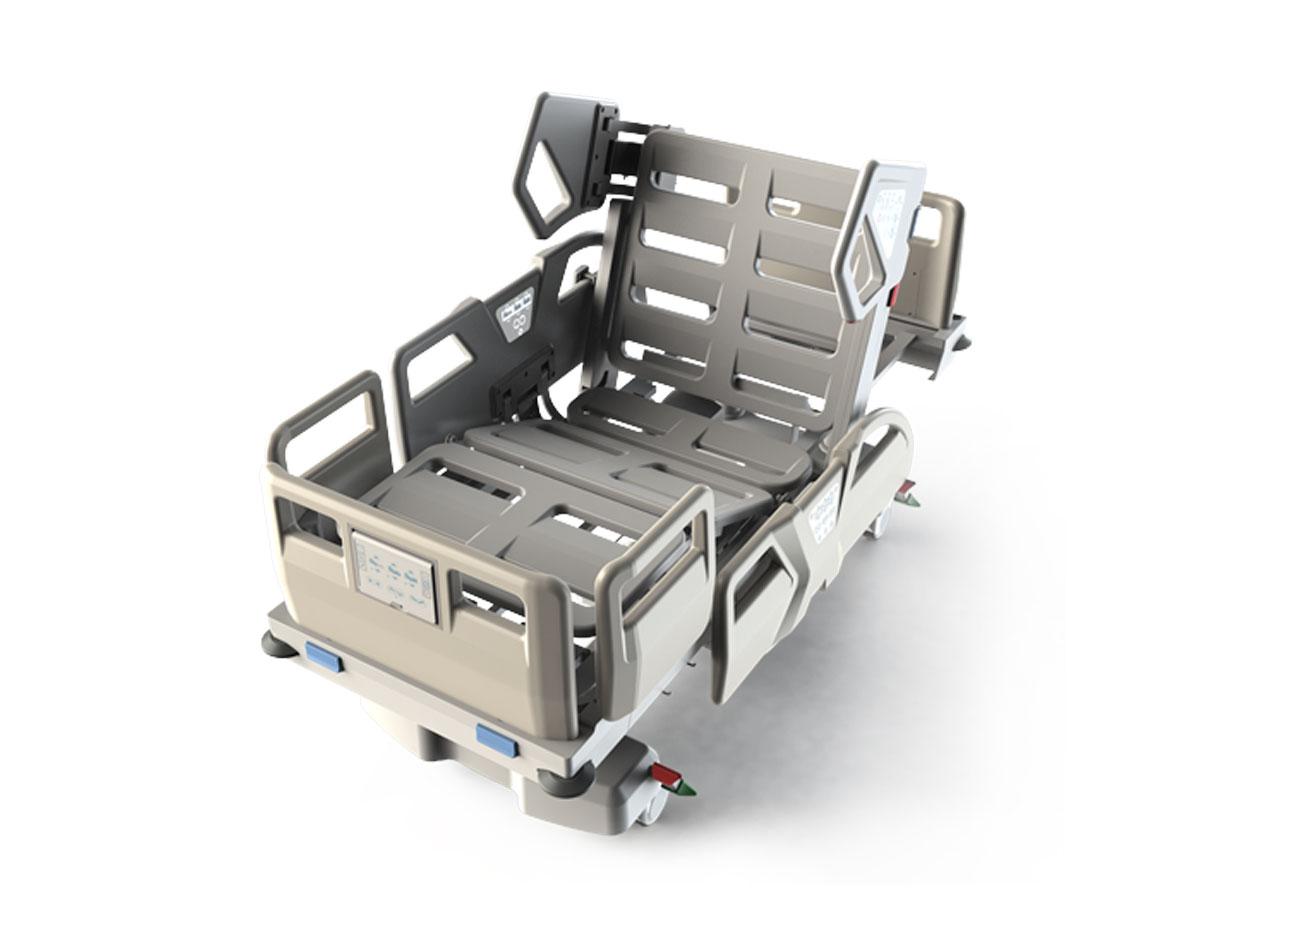 طراحی تجهیزات پزشکی طراحی صنعتی طراحی محصول